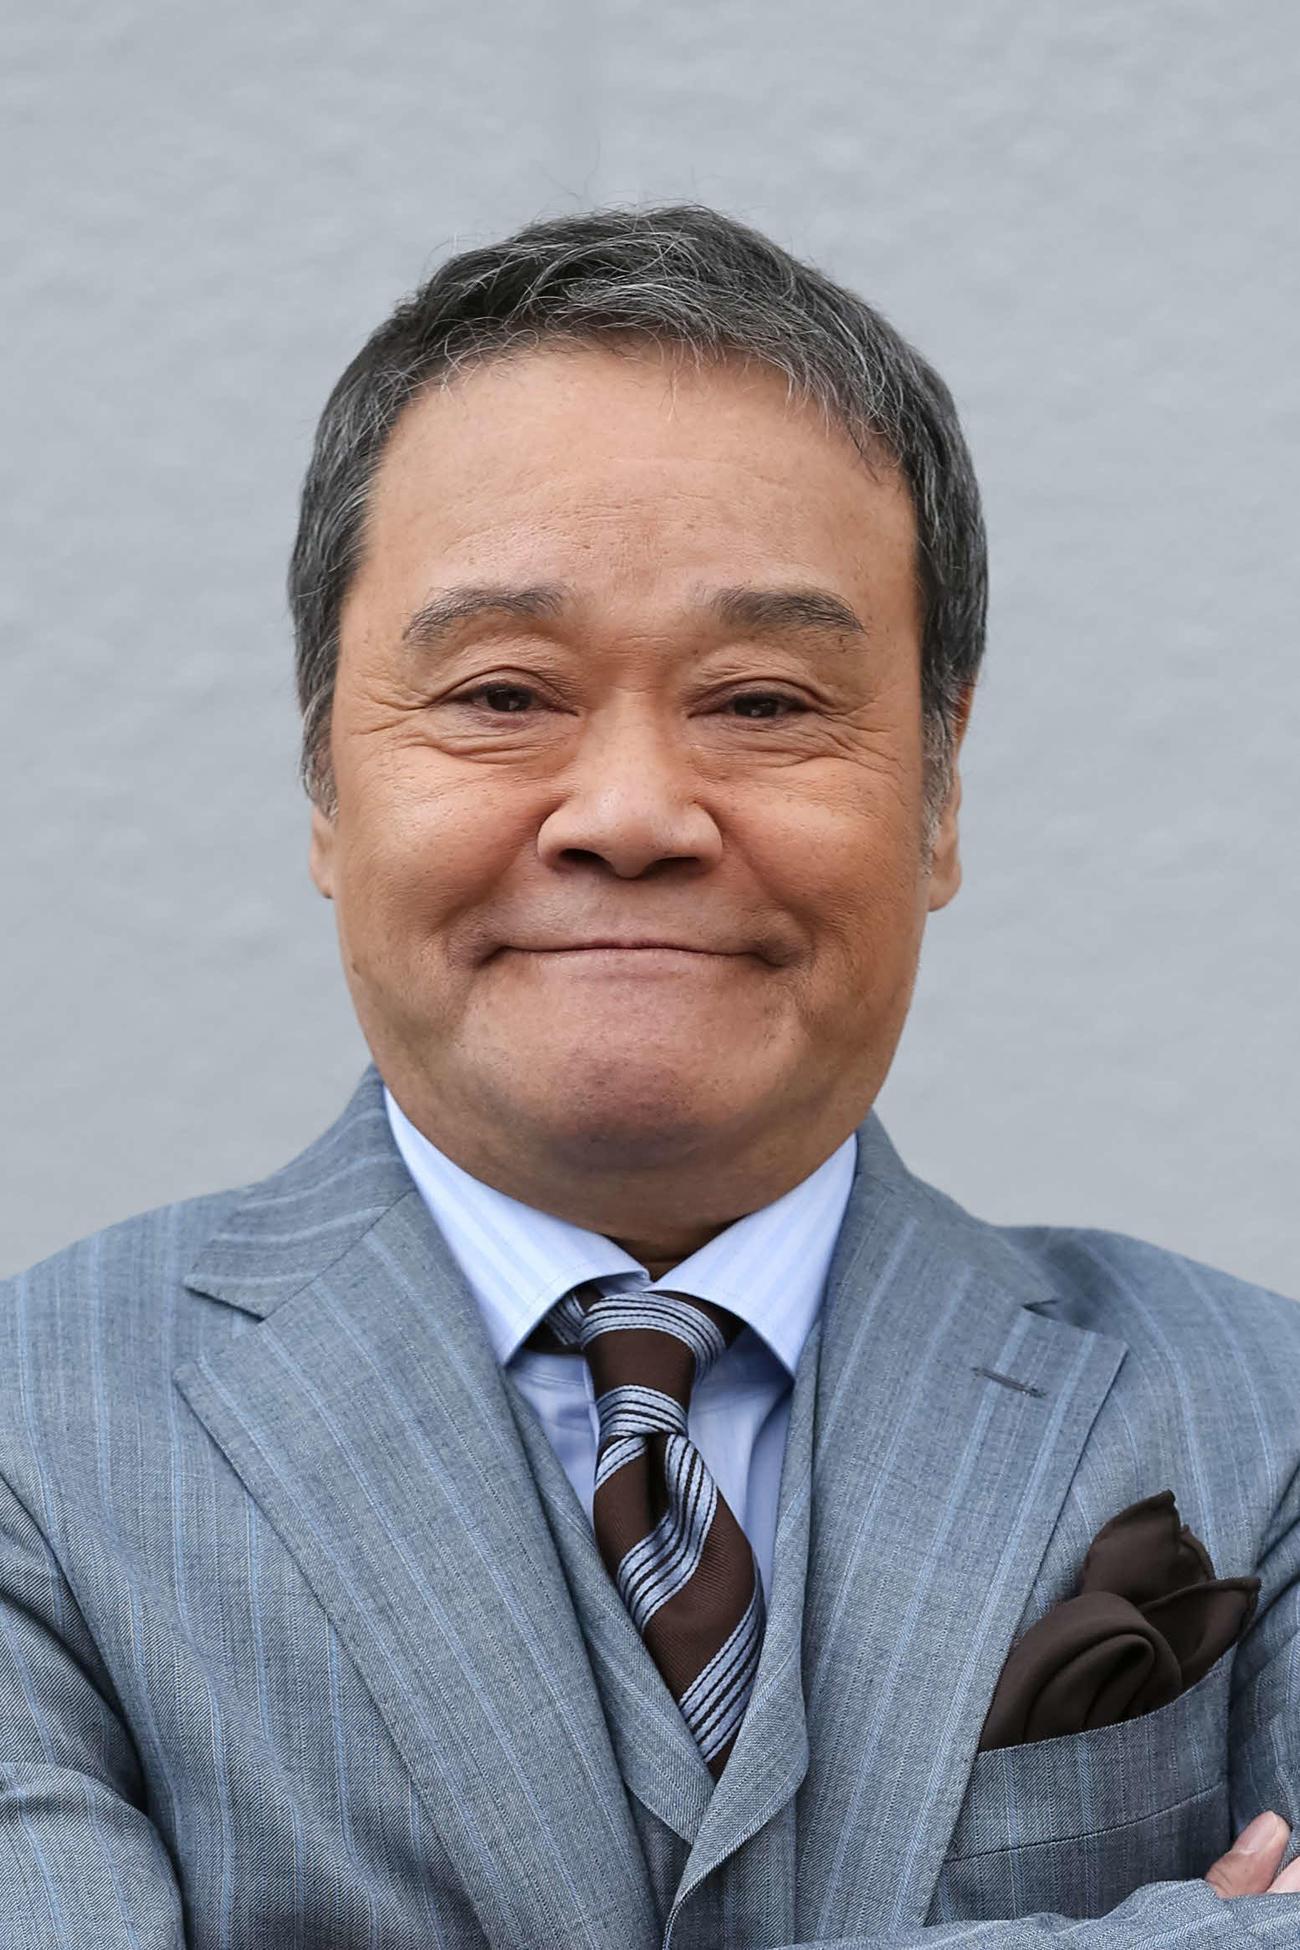 来年度のNHK大河ドラマ「鎌倉殿の13人」への出演が決定した西田敏行